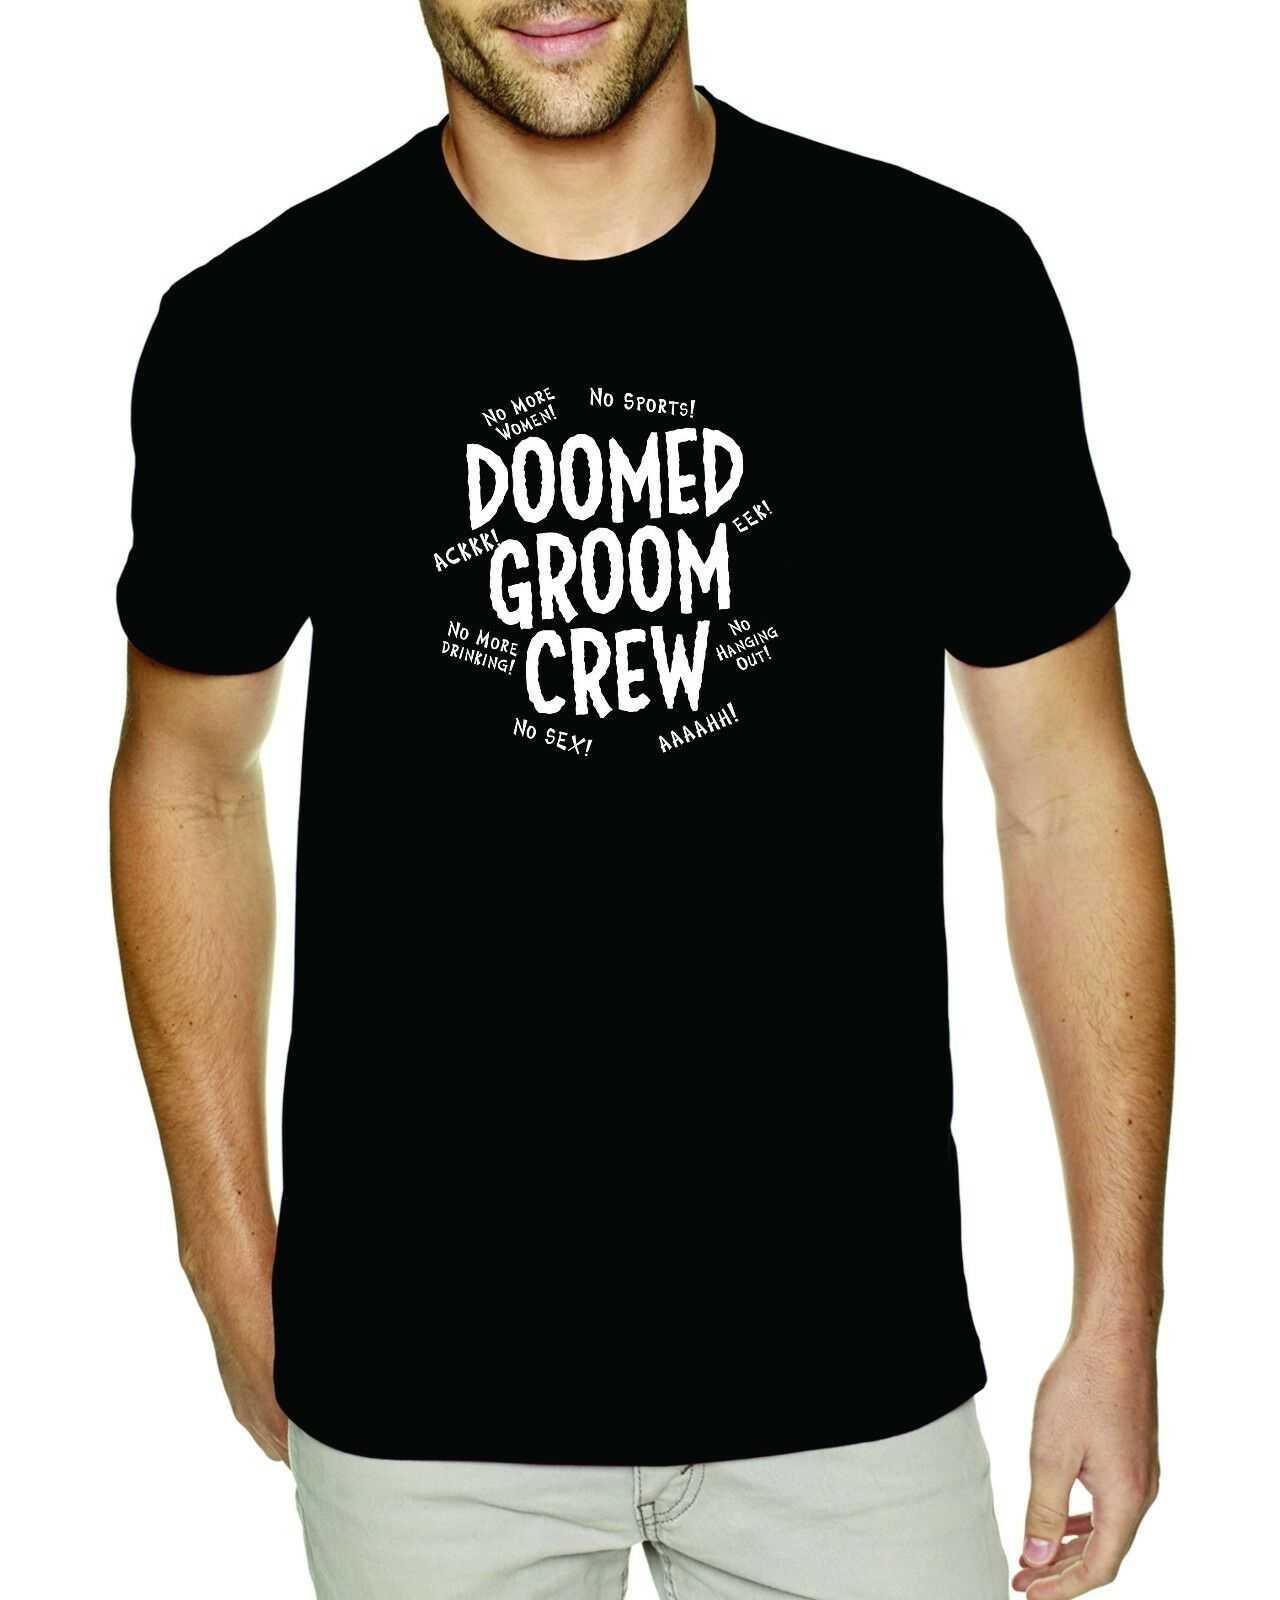 Doomed damat ekip bekarlığa veda parti tişörtleri erkekler çocuklar Groomsmen haftasonu düğün